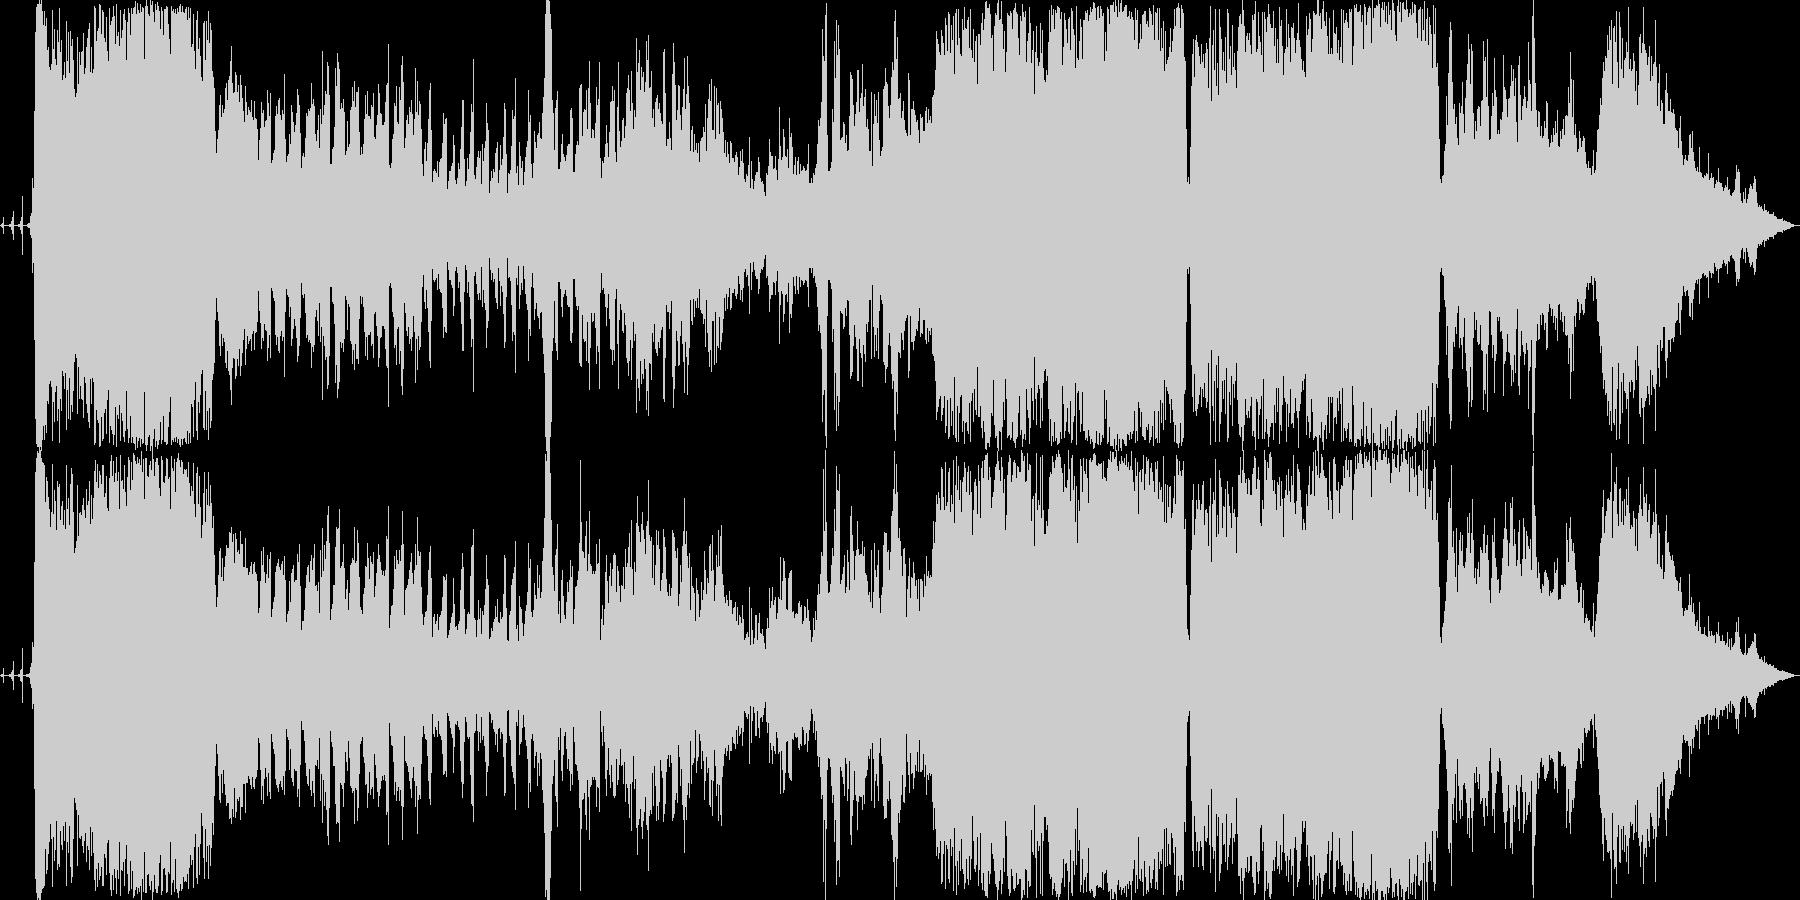 ノイズ作品です。自然音が主体になってい…の未再生の波形